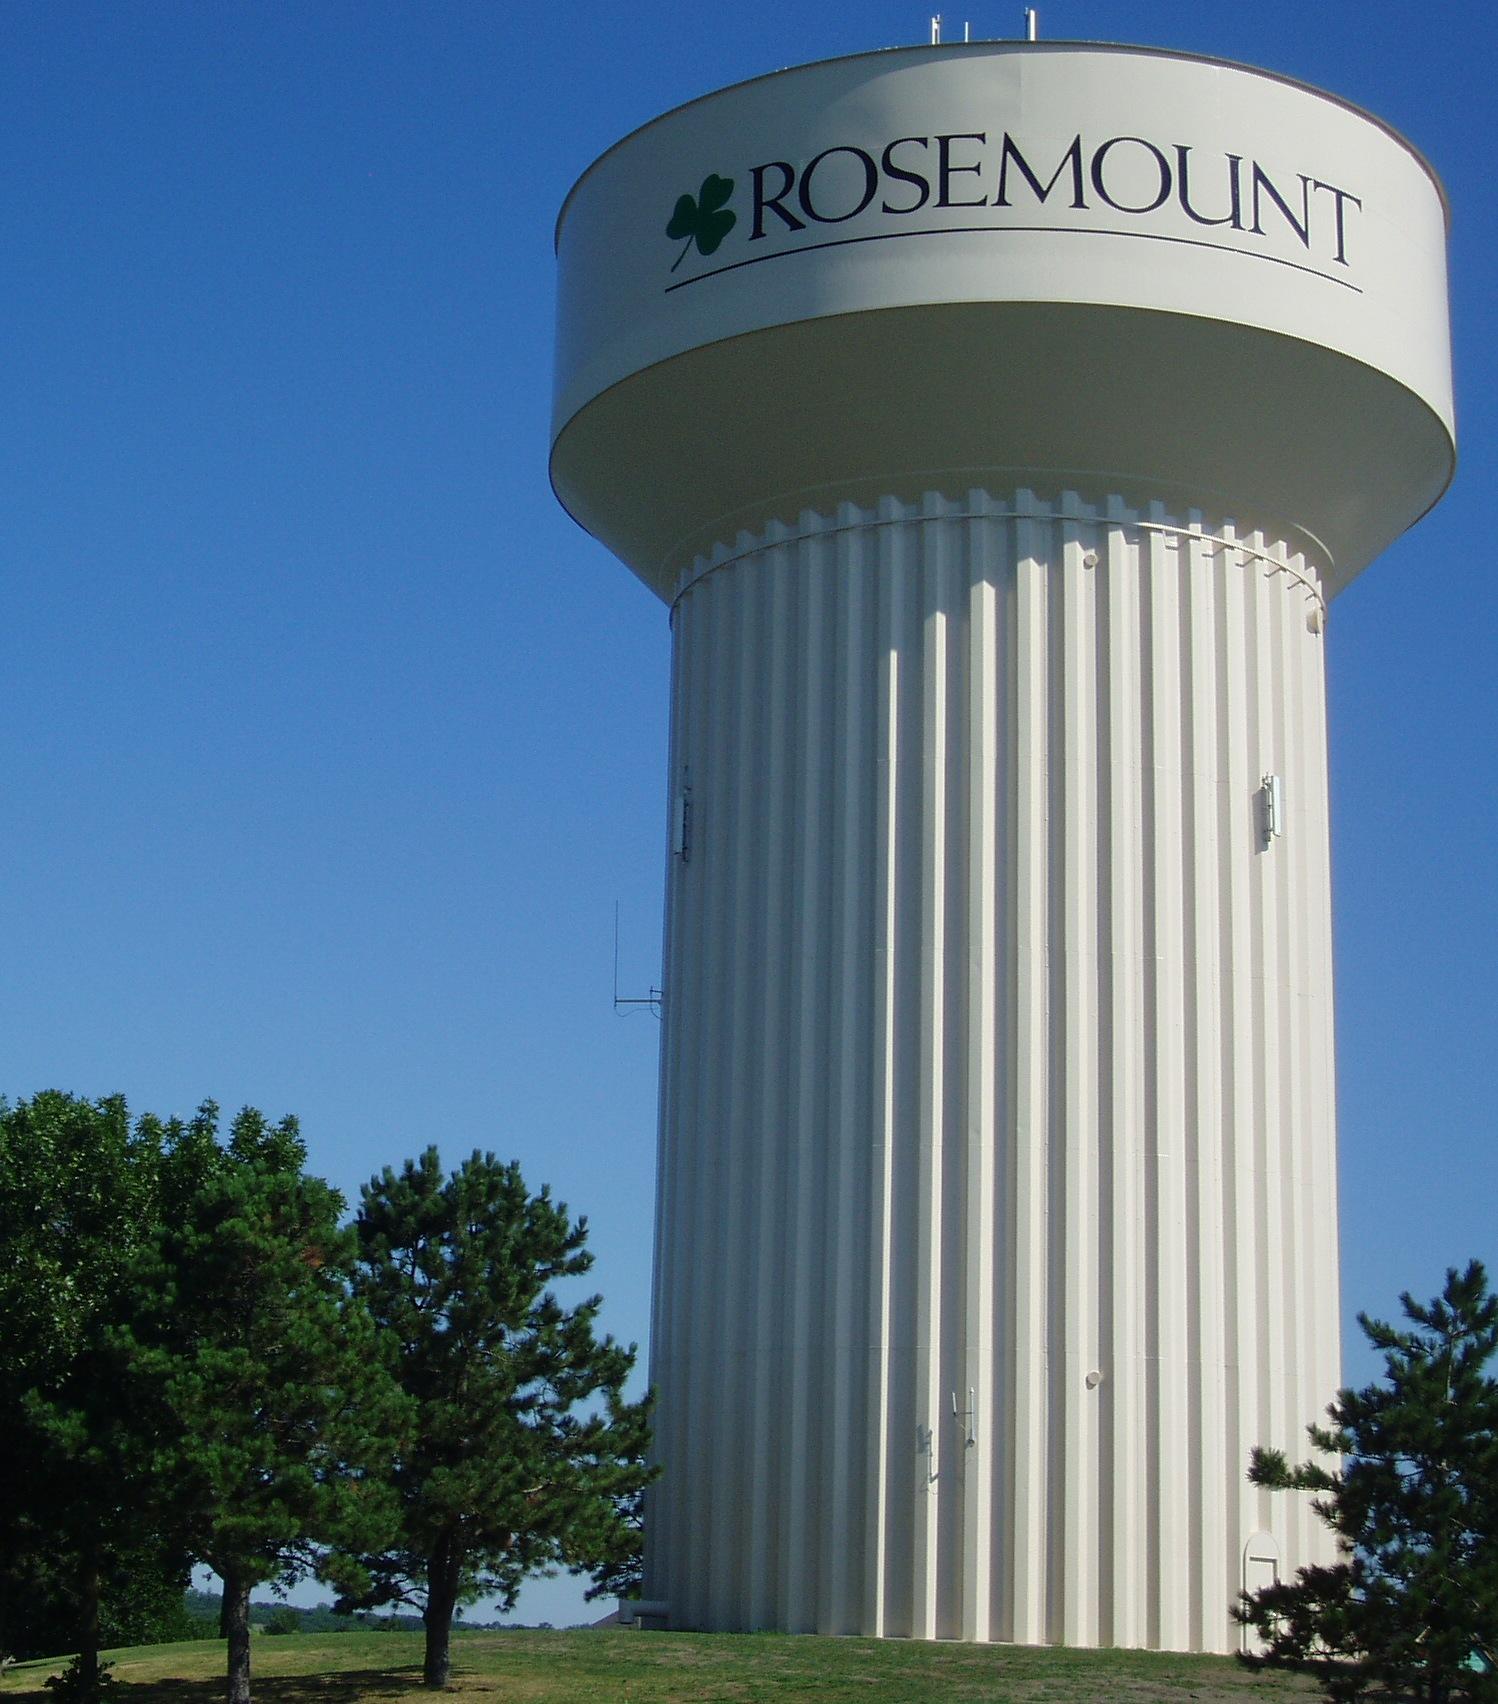 Roofing Contractor in Rosemount, MN